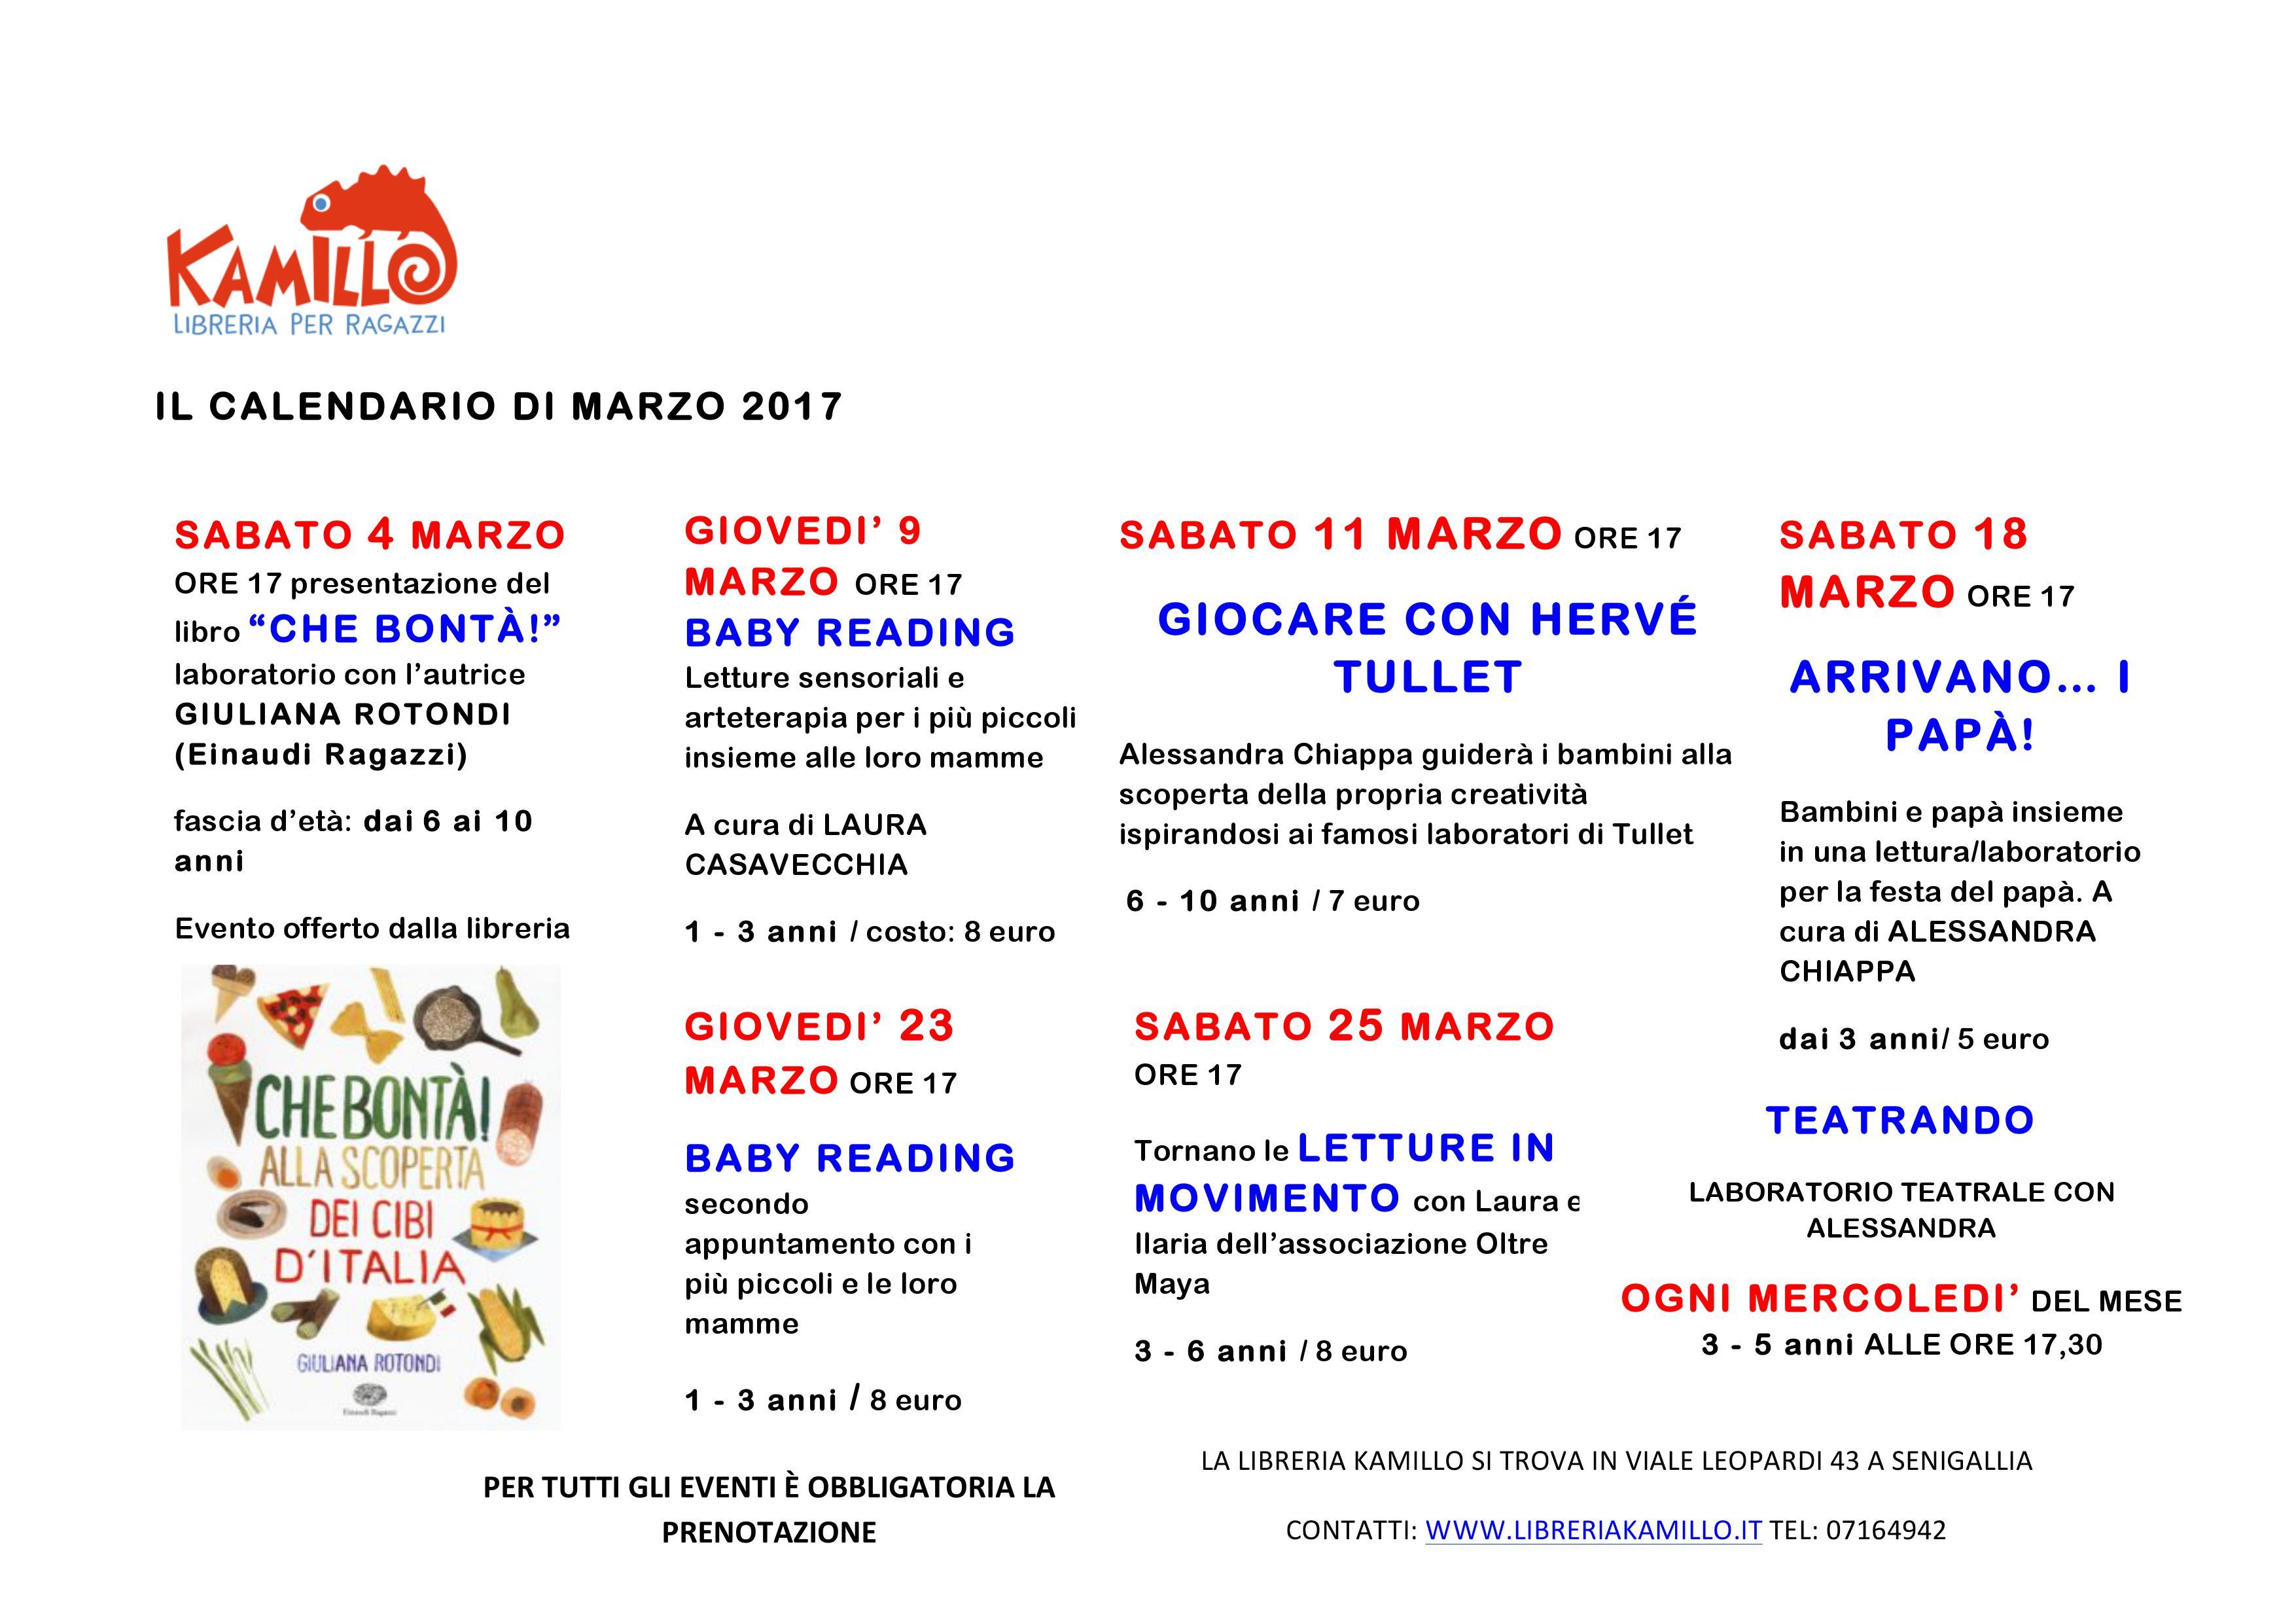 Calendario Di Marzo.Calendario Eventi Del Mese Di Marzo 2017 Libreria Kamillo